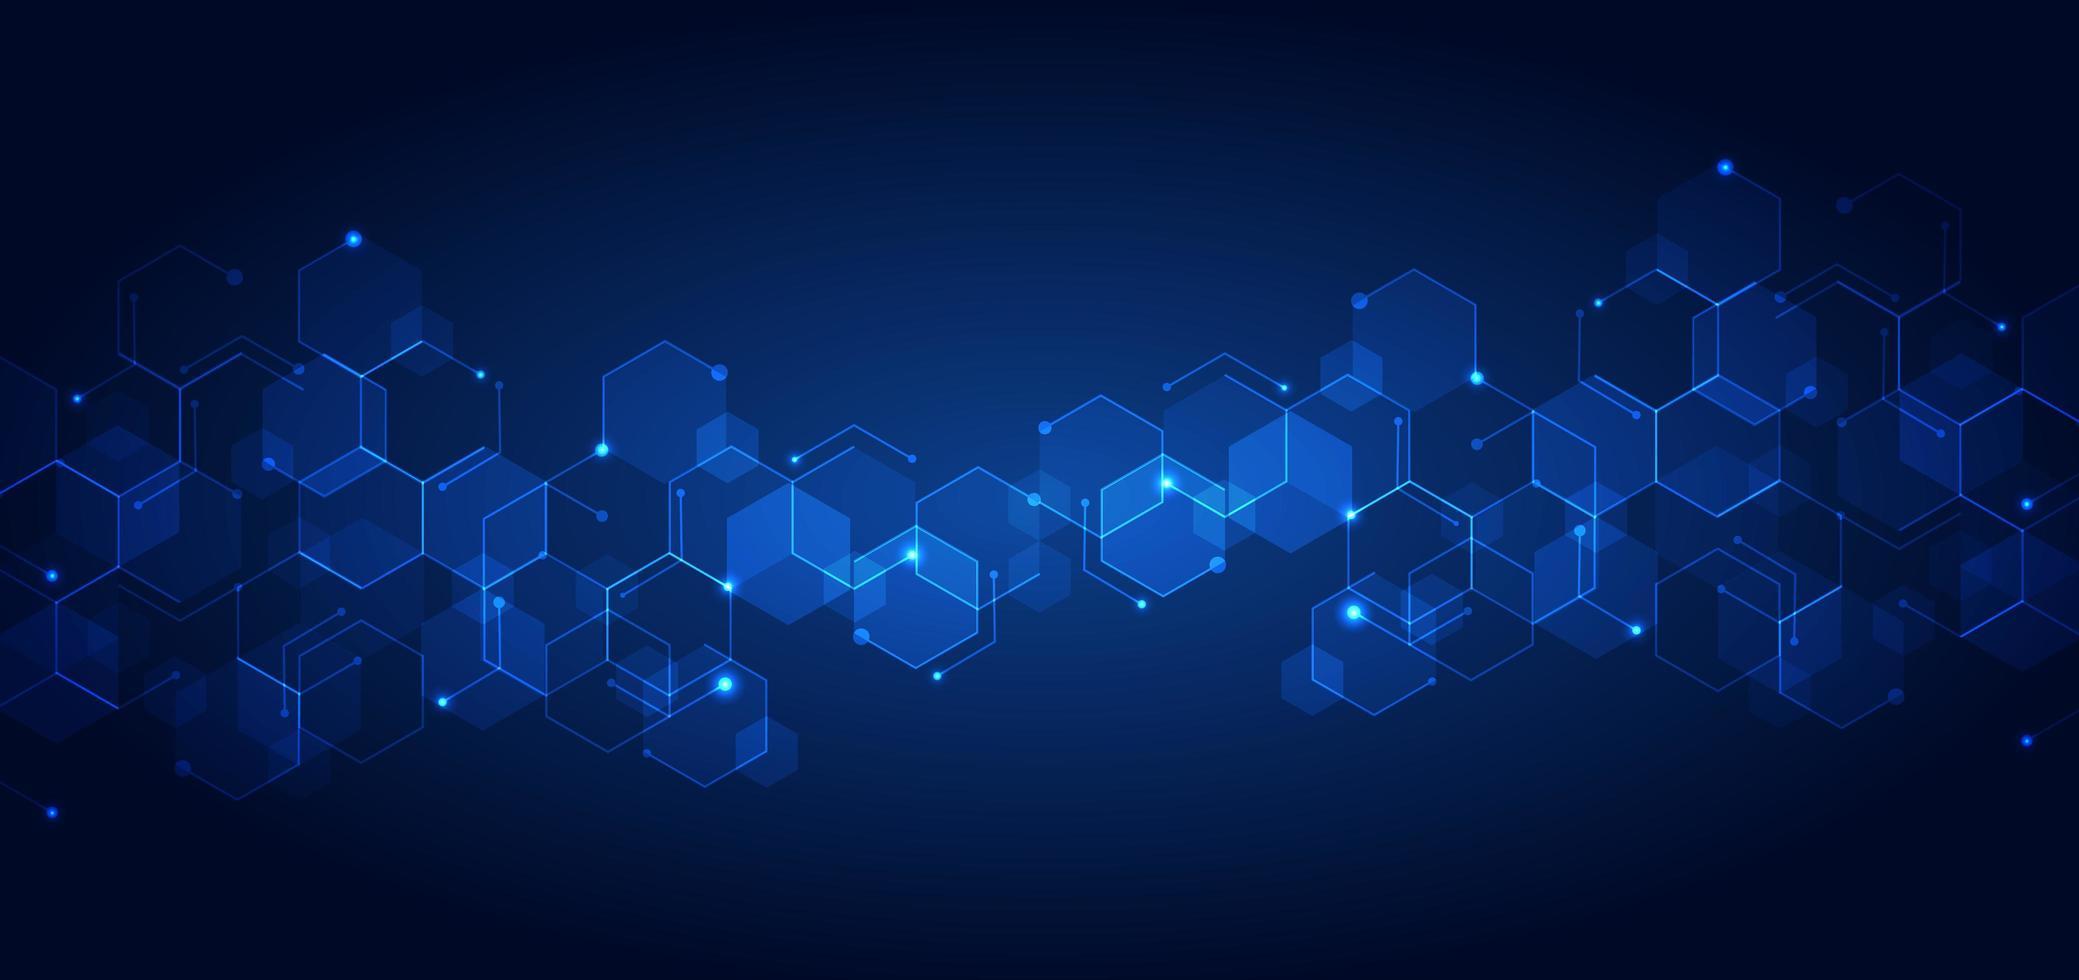 tecnología abstracta patrón de hexágonos geométricos azules con luces brillantes vector